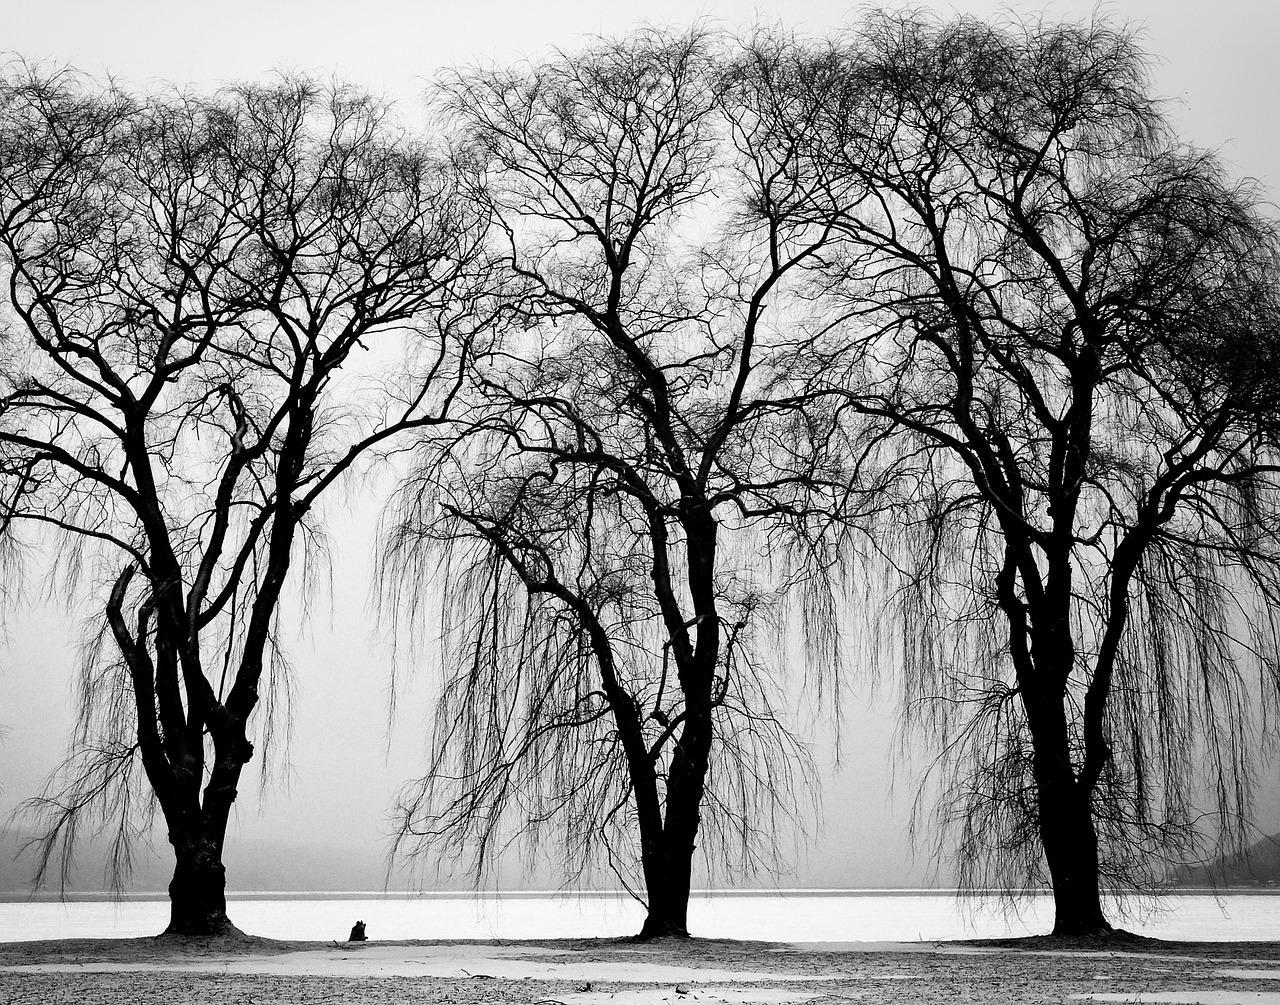 Téli éjszaka - téli depresszió